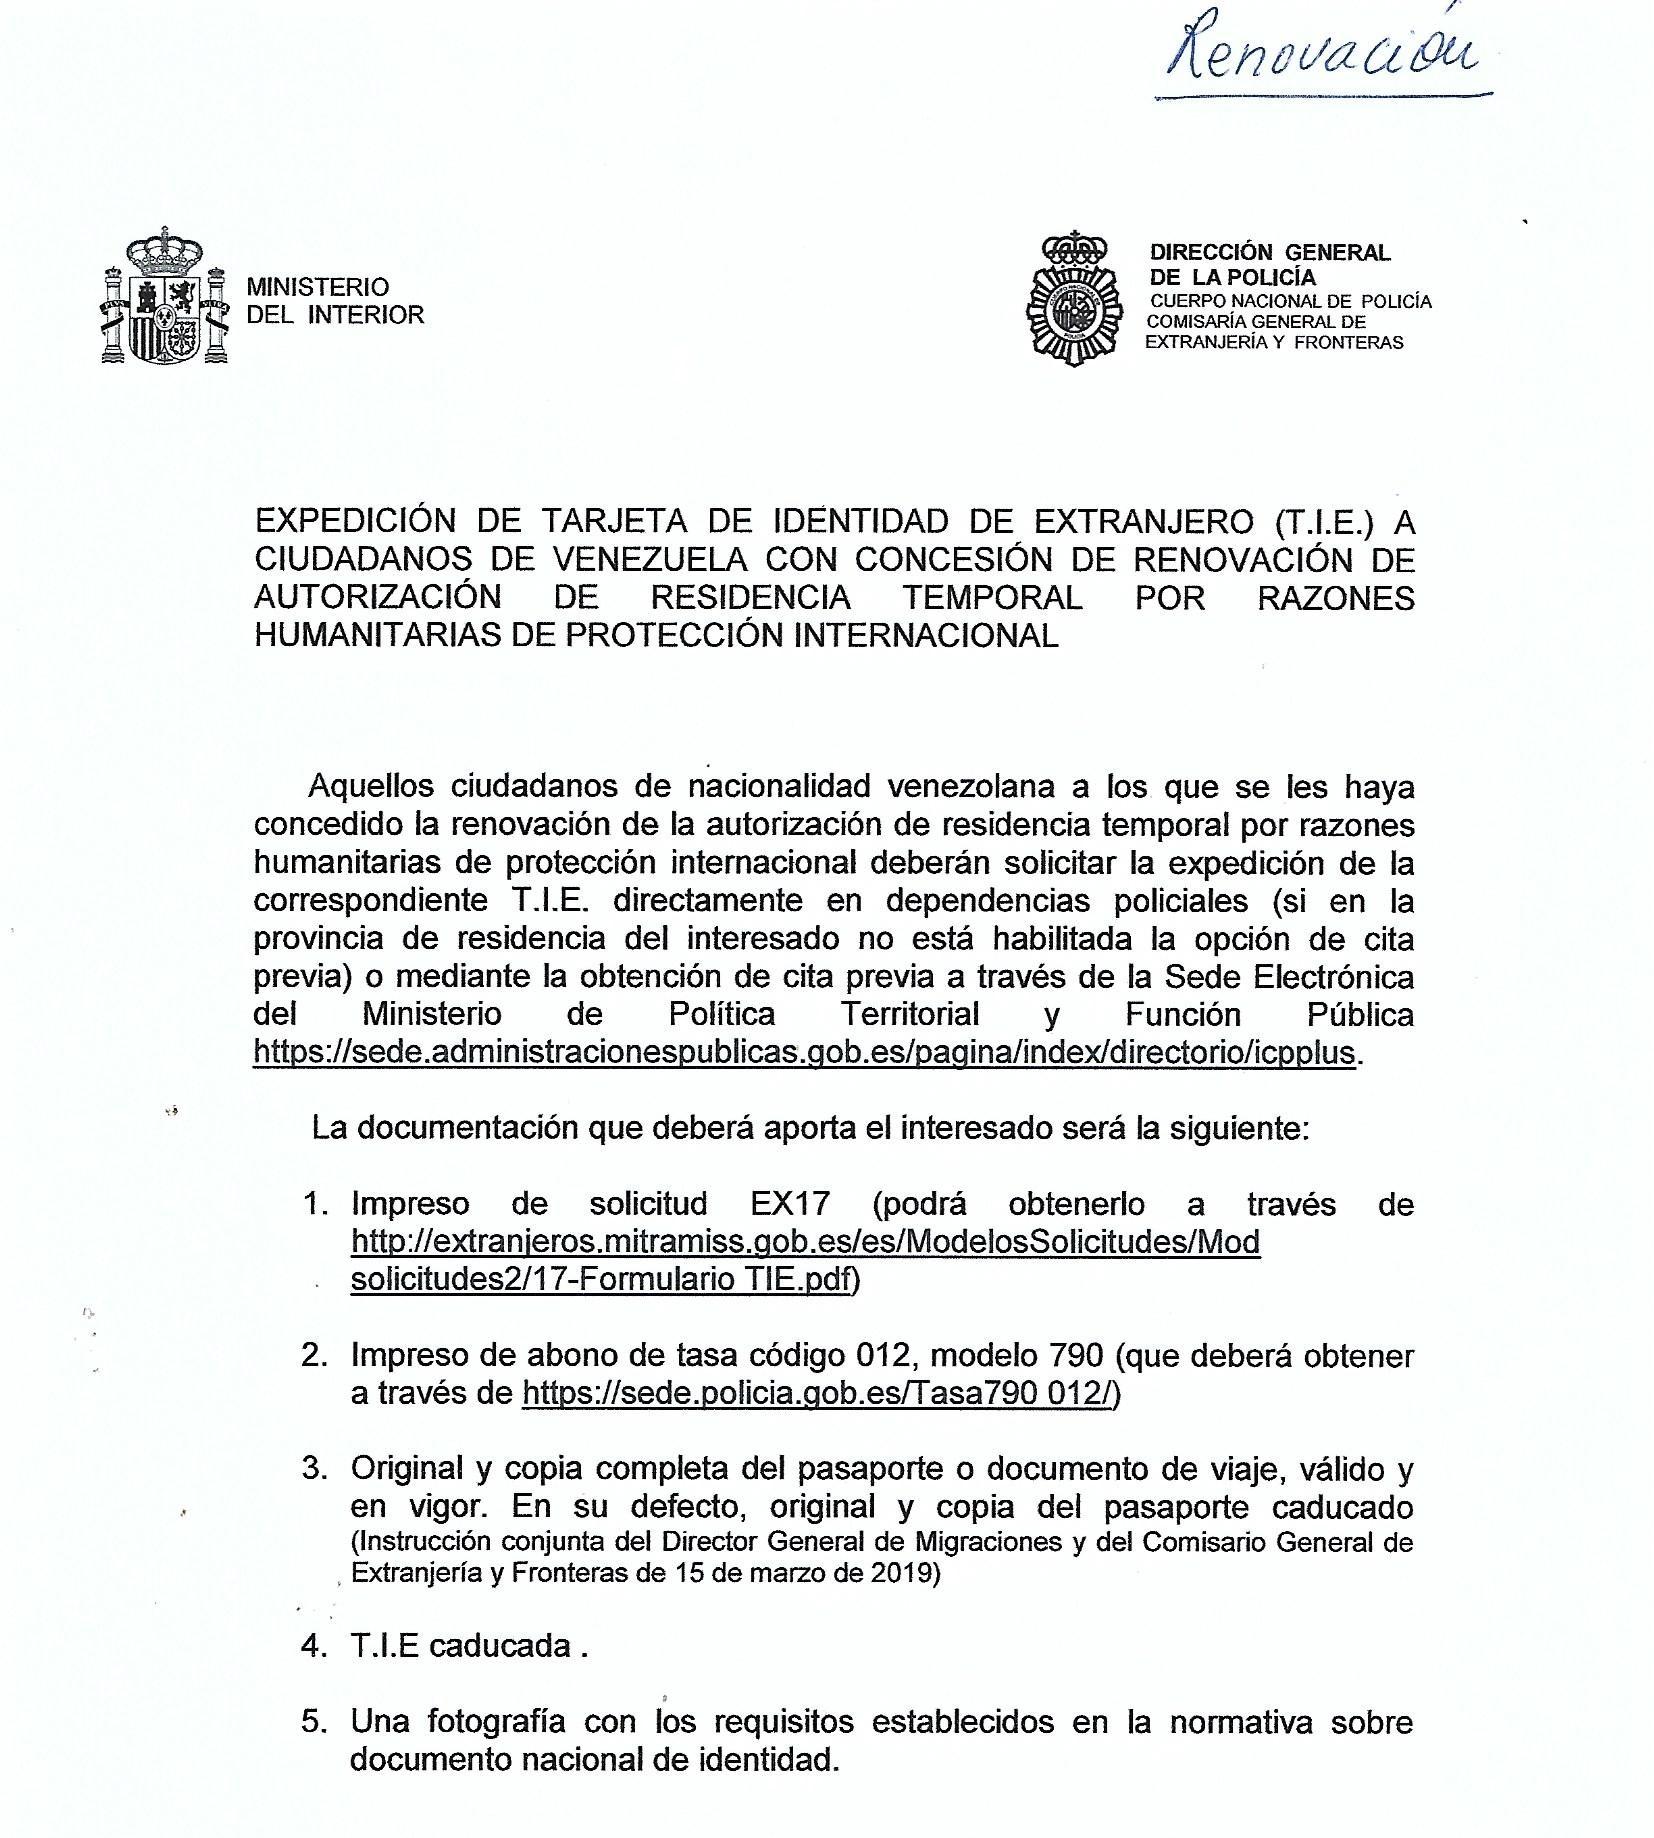 (Español) 7 Tips para entender la renovación de residencia por razones humanitarias de venezolanos